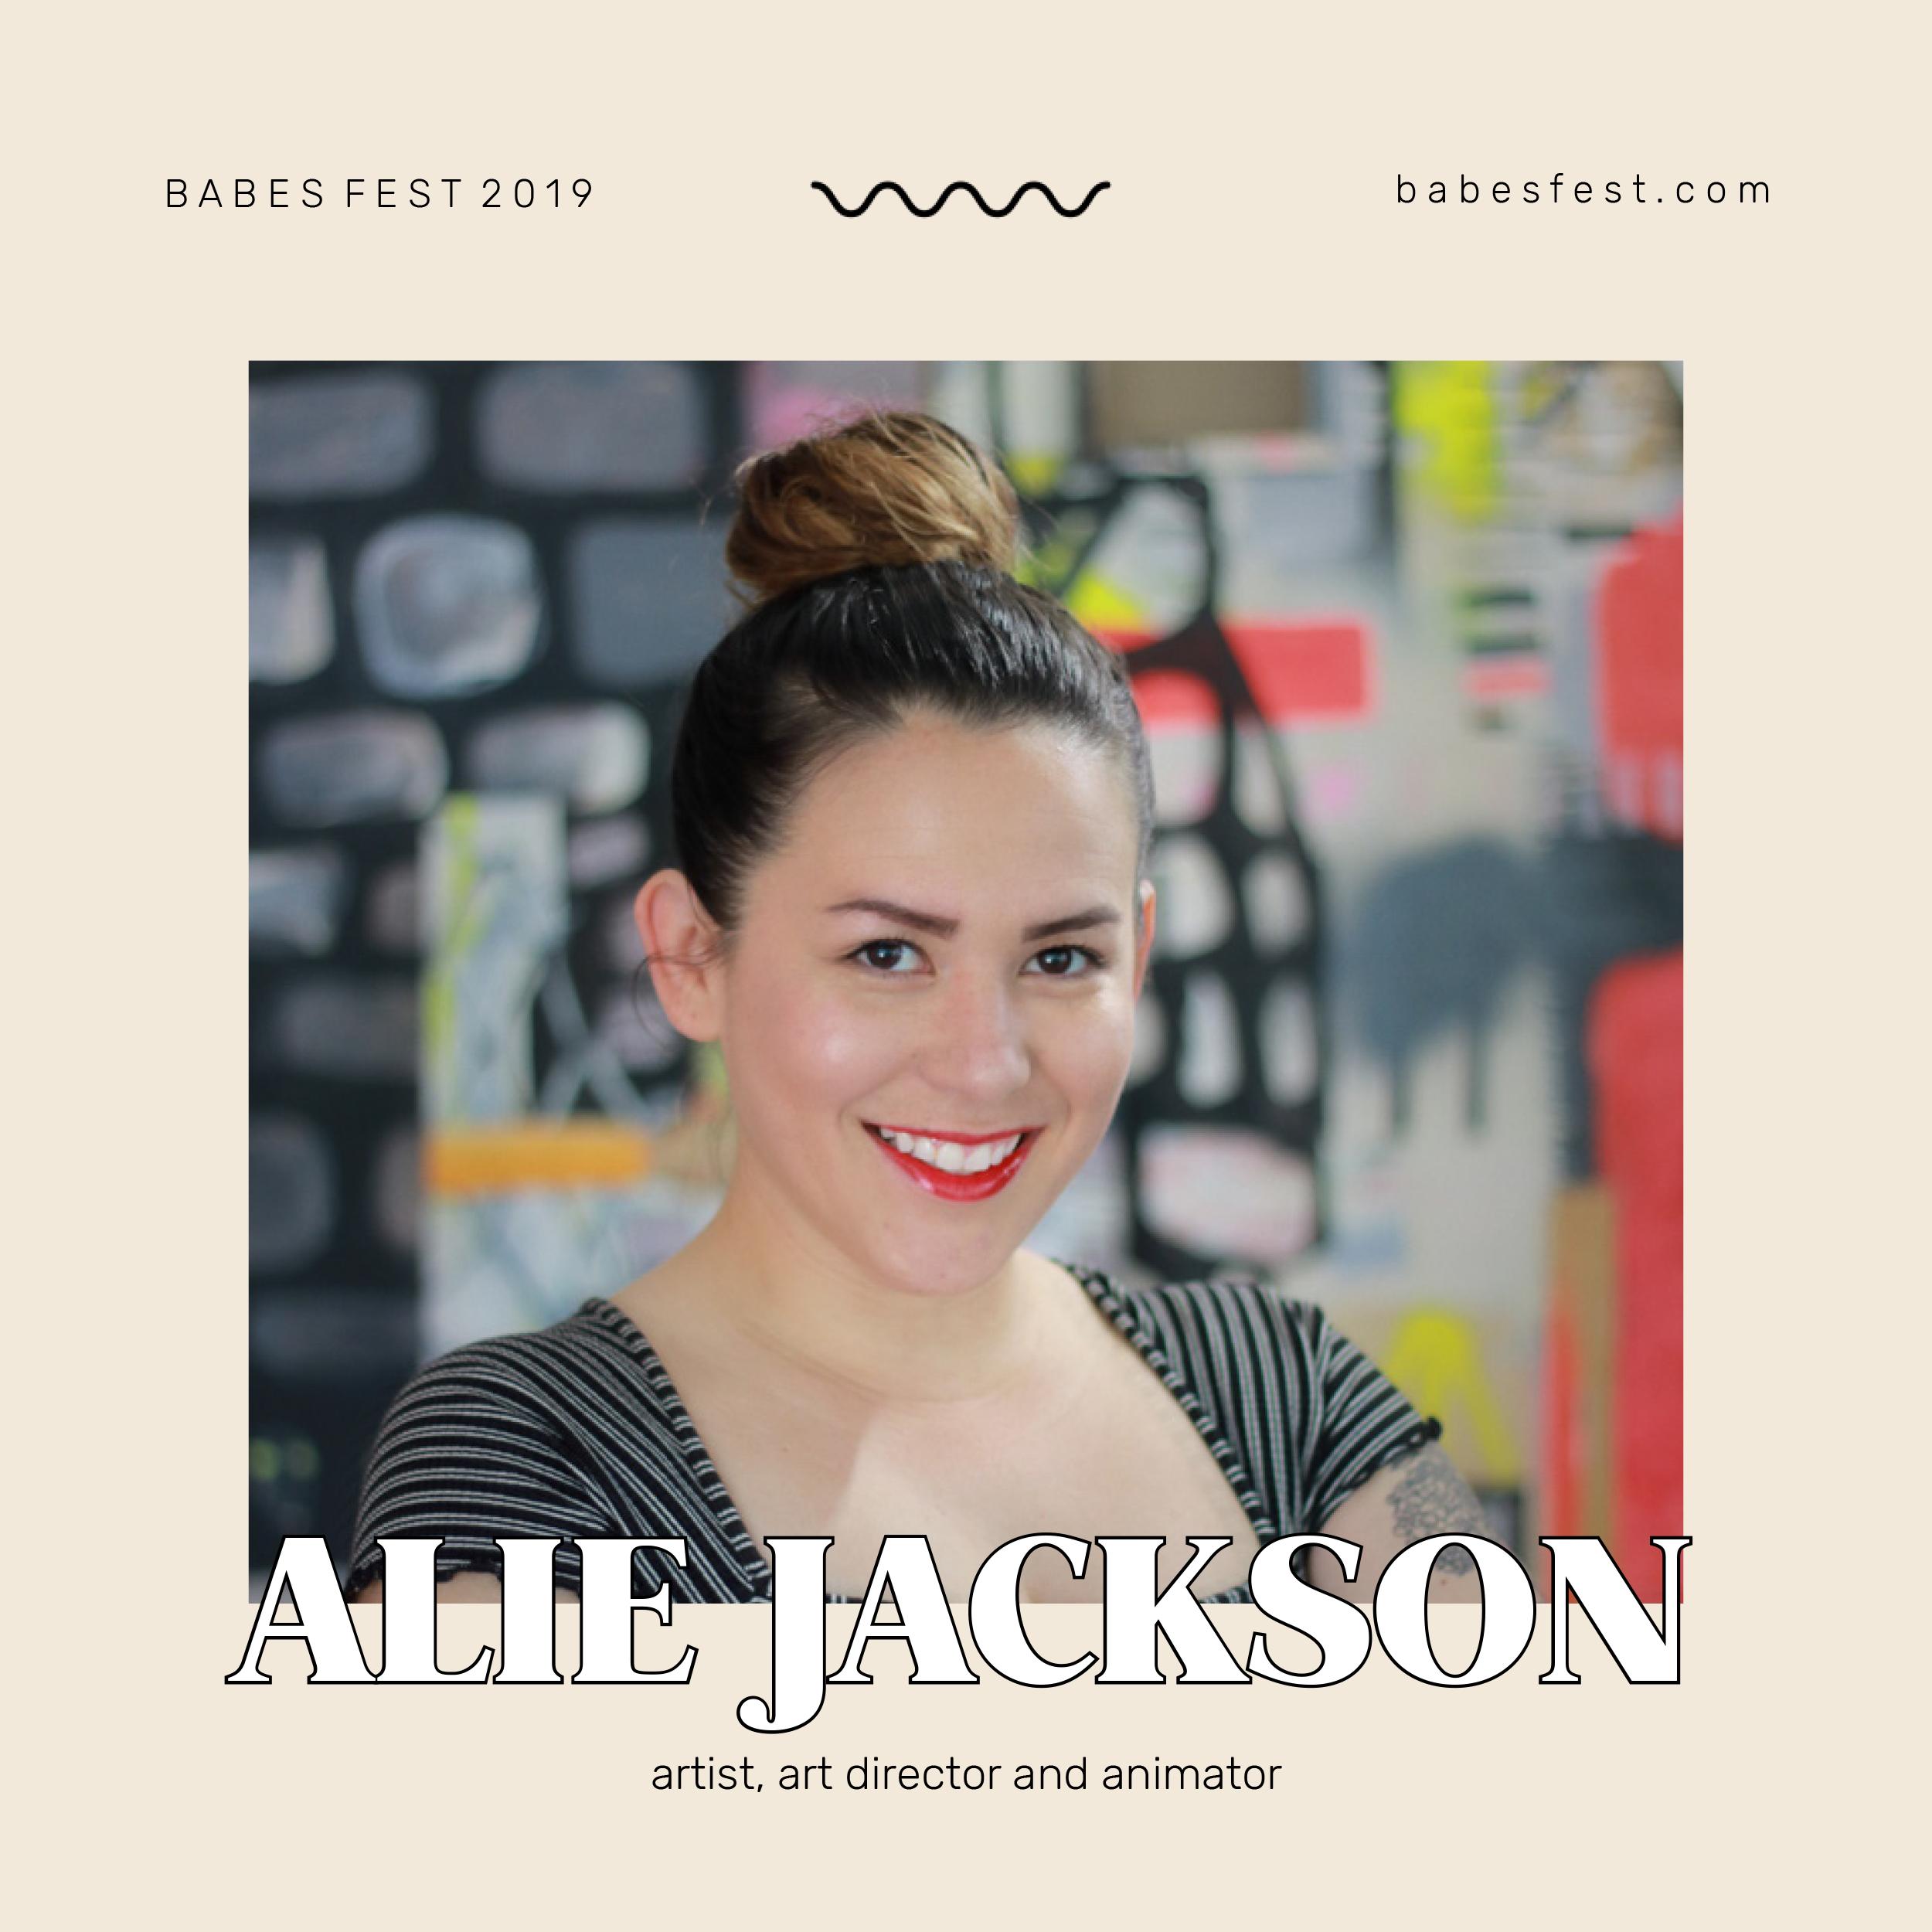 Alie Jackson